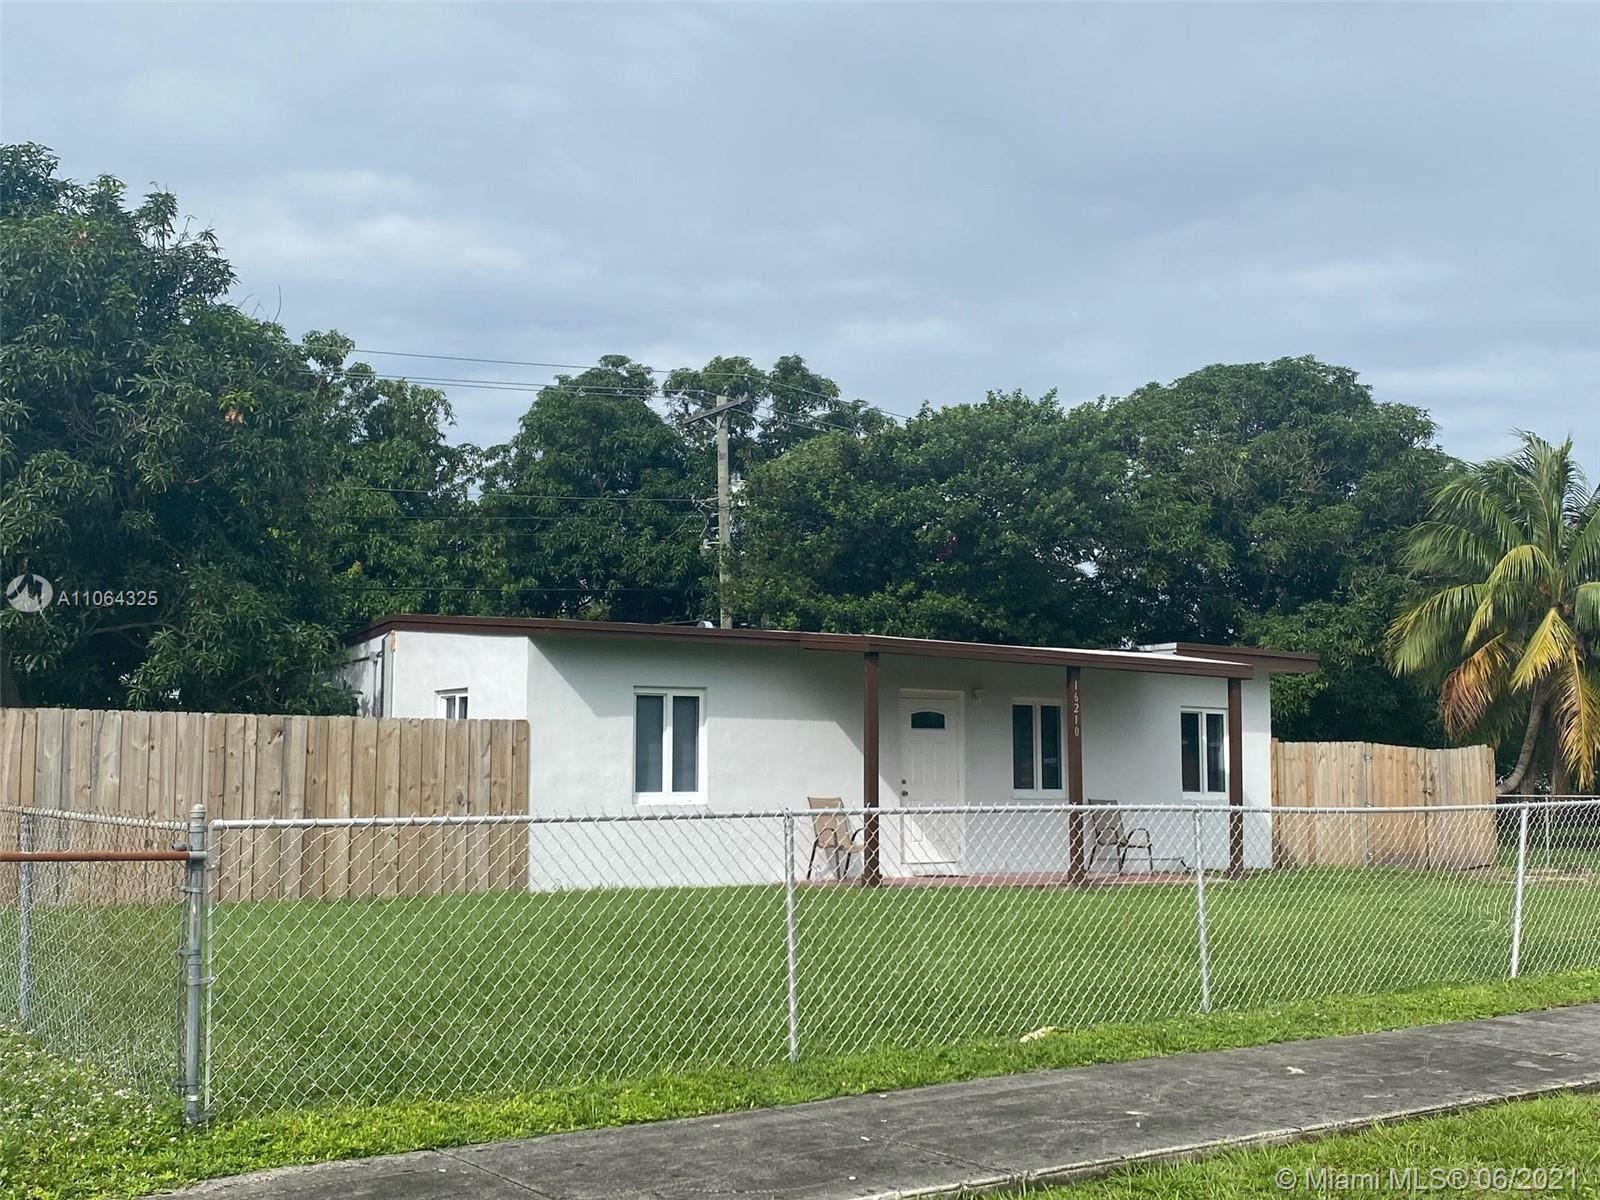 16210 NW 26th Ave, Miami Gardens, FL 33054 - #: A11064325